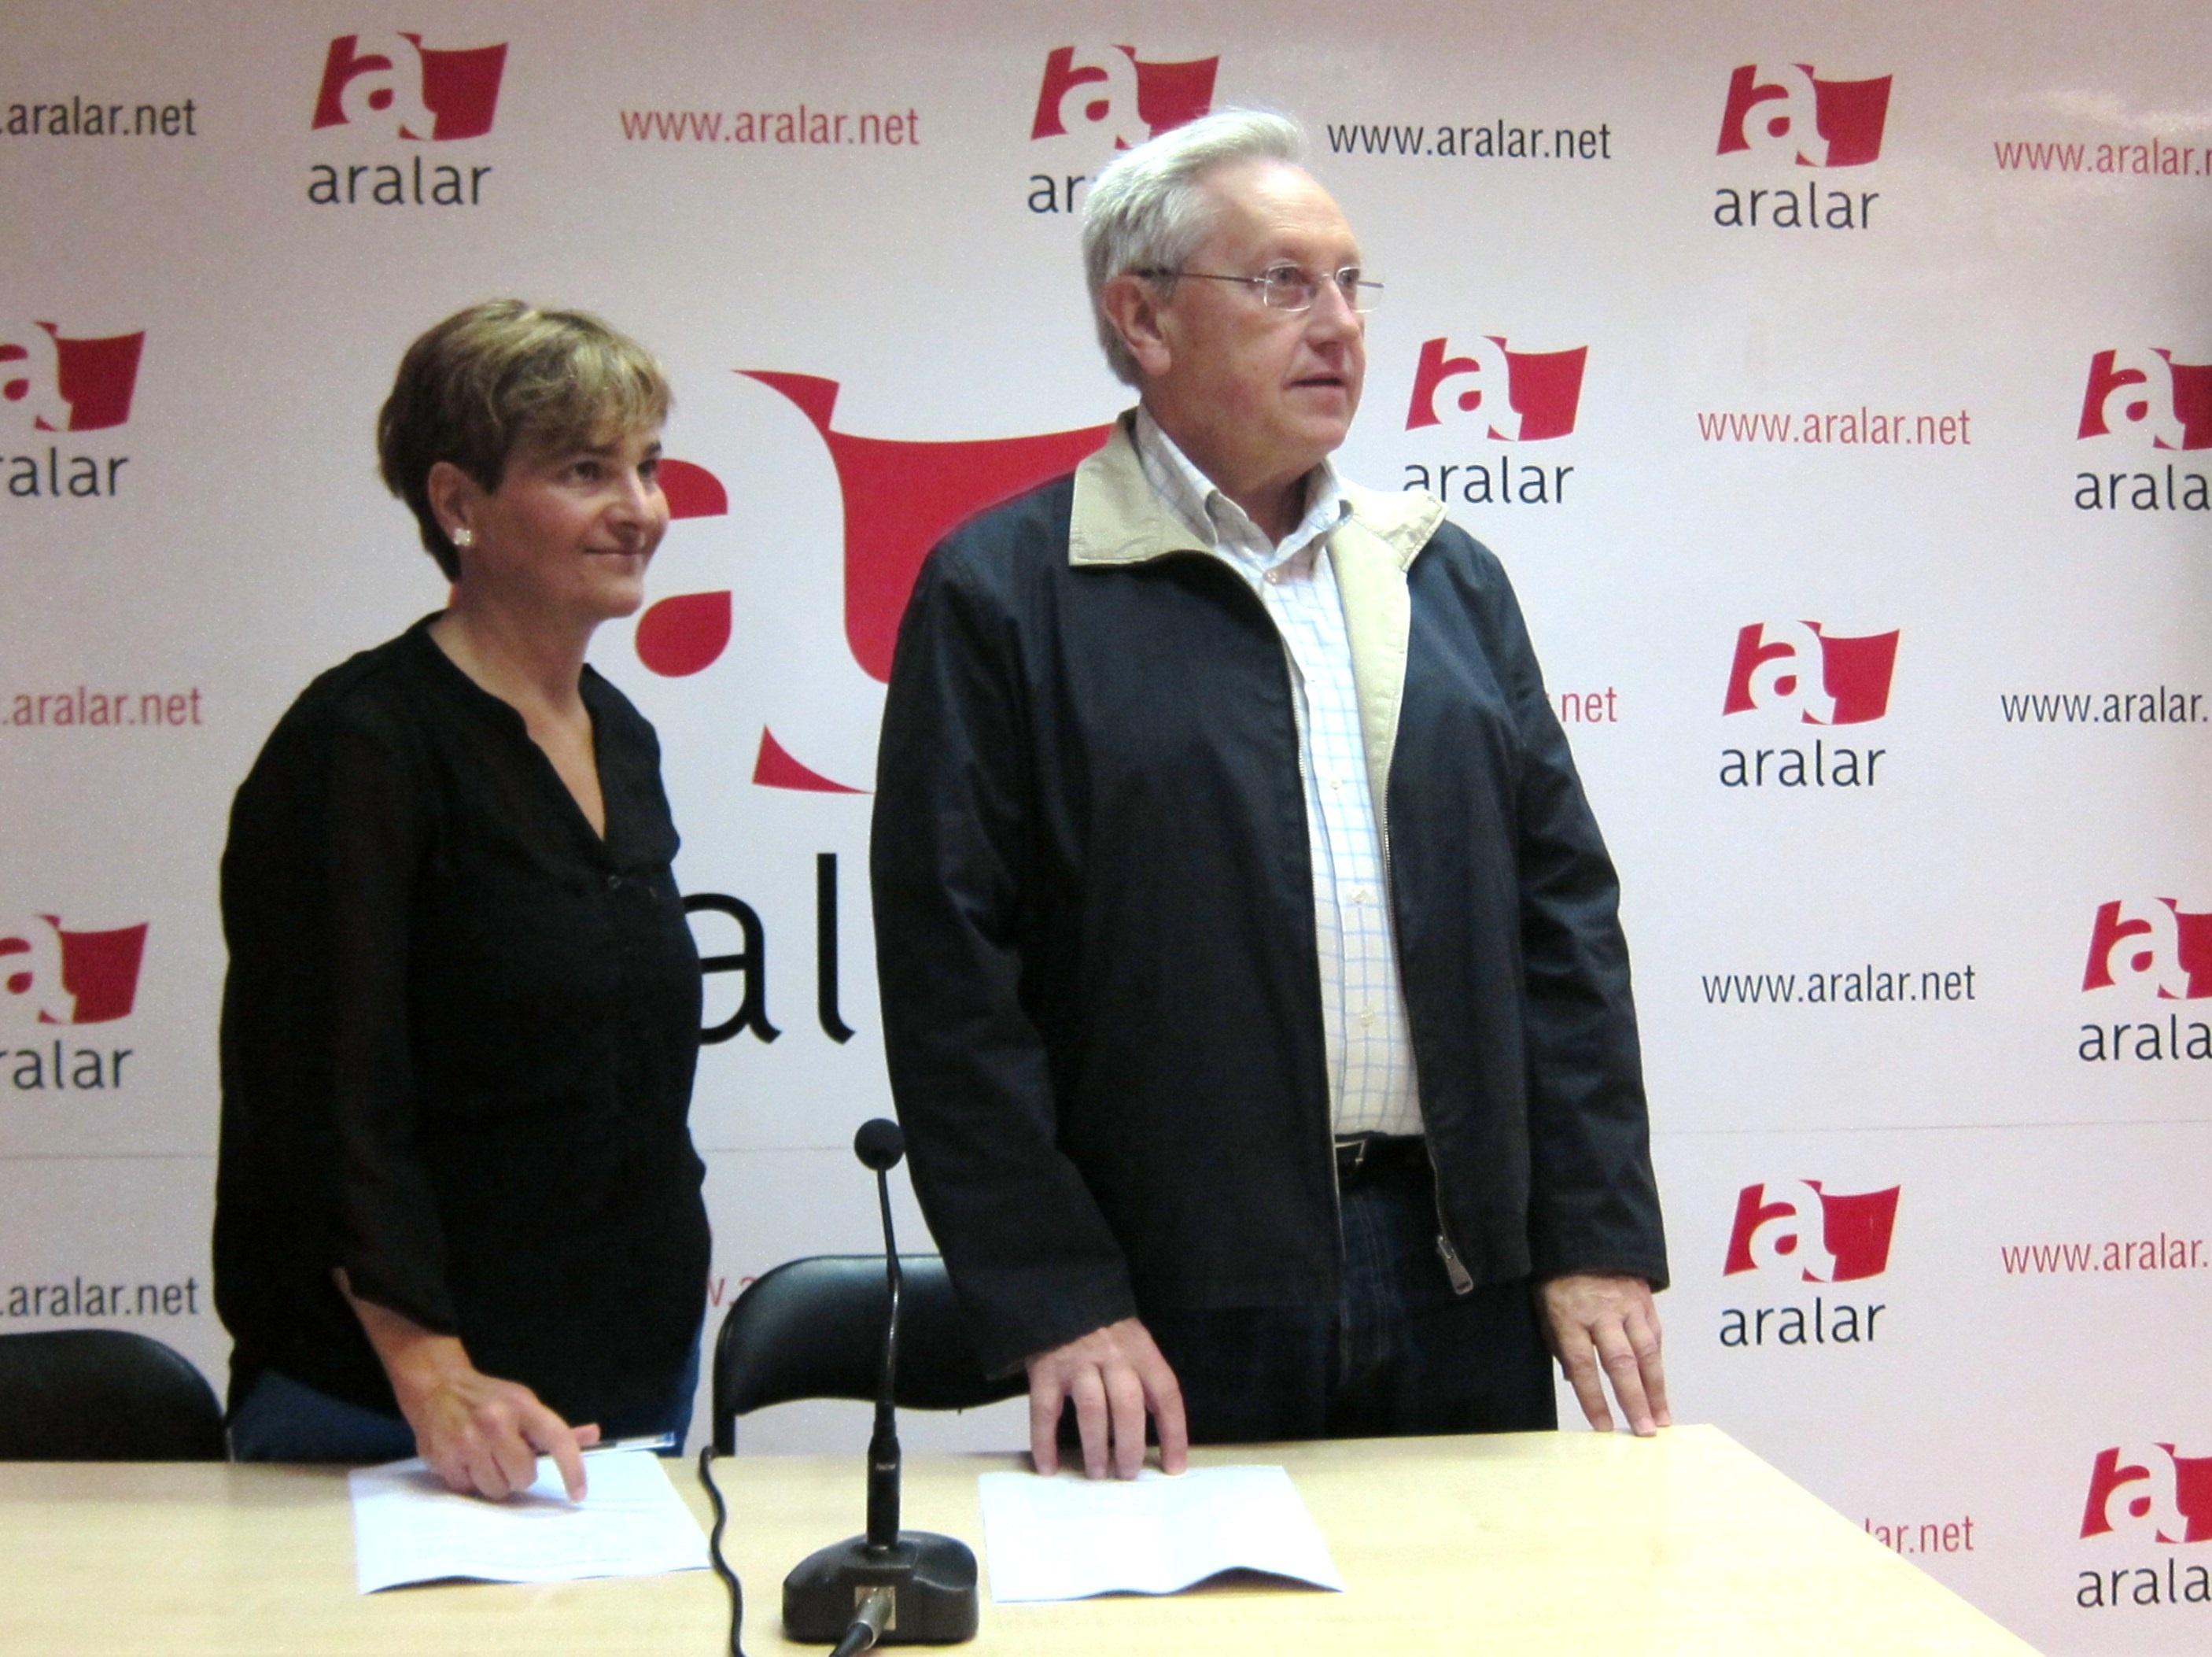 Aralar reclama la amnistía y pide a ETA su desarme y al Estado español que «derogue todas las leyes de excepción»